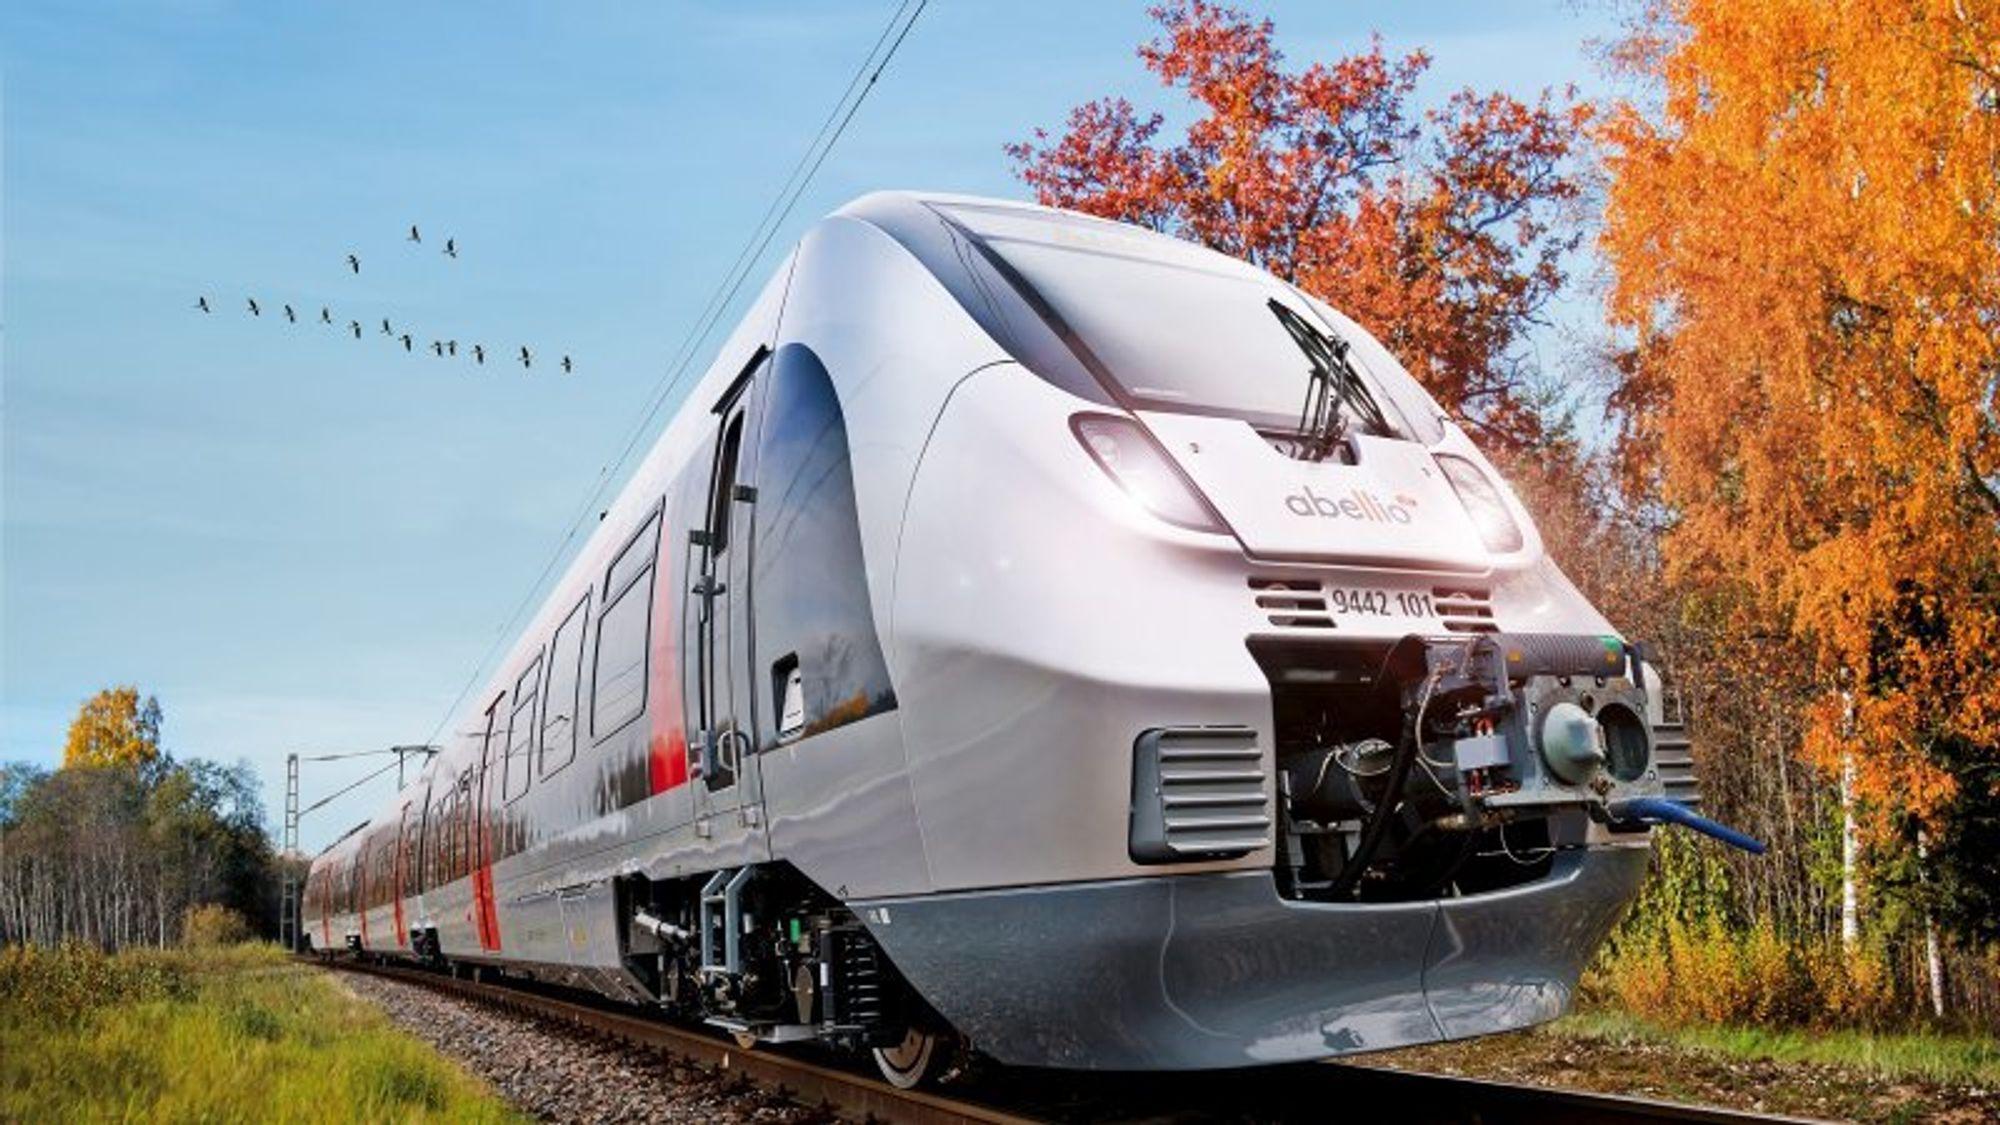 Nyeste skudd på togstammen til Bombardier er virksomhetens tredje utgave av Talent-modellen, som leveres i en ren batteriutgave med en topphastighet på 200 km/t og en rekkevidde på opptil 300 kilometer.